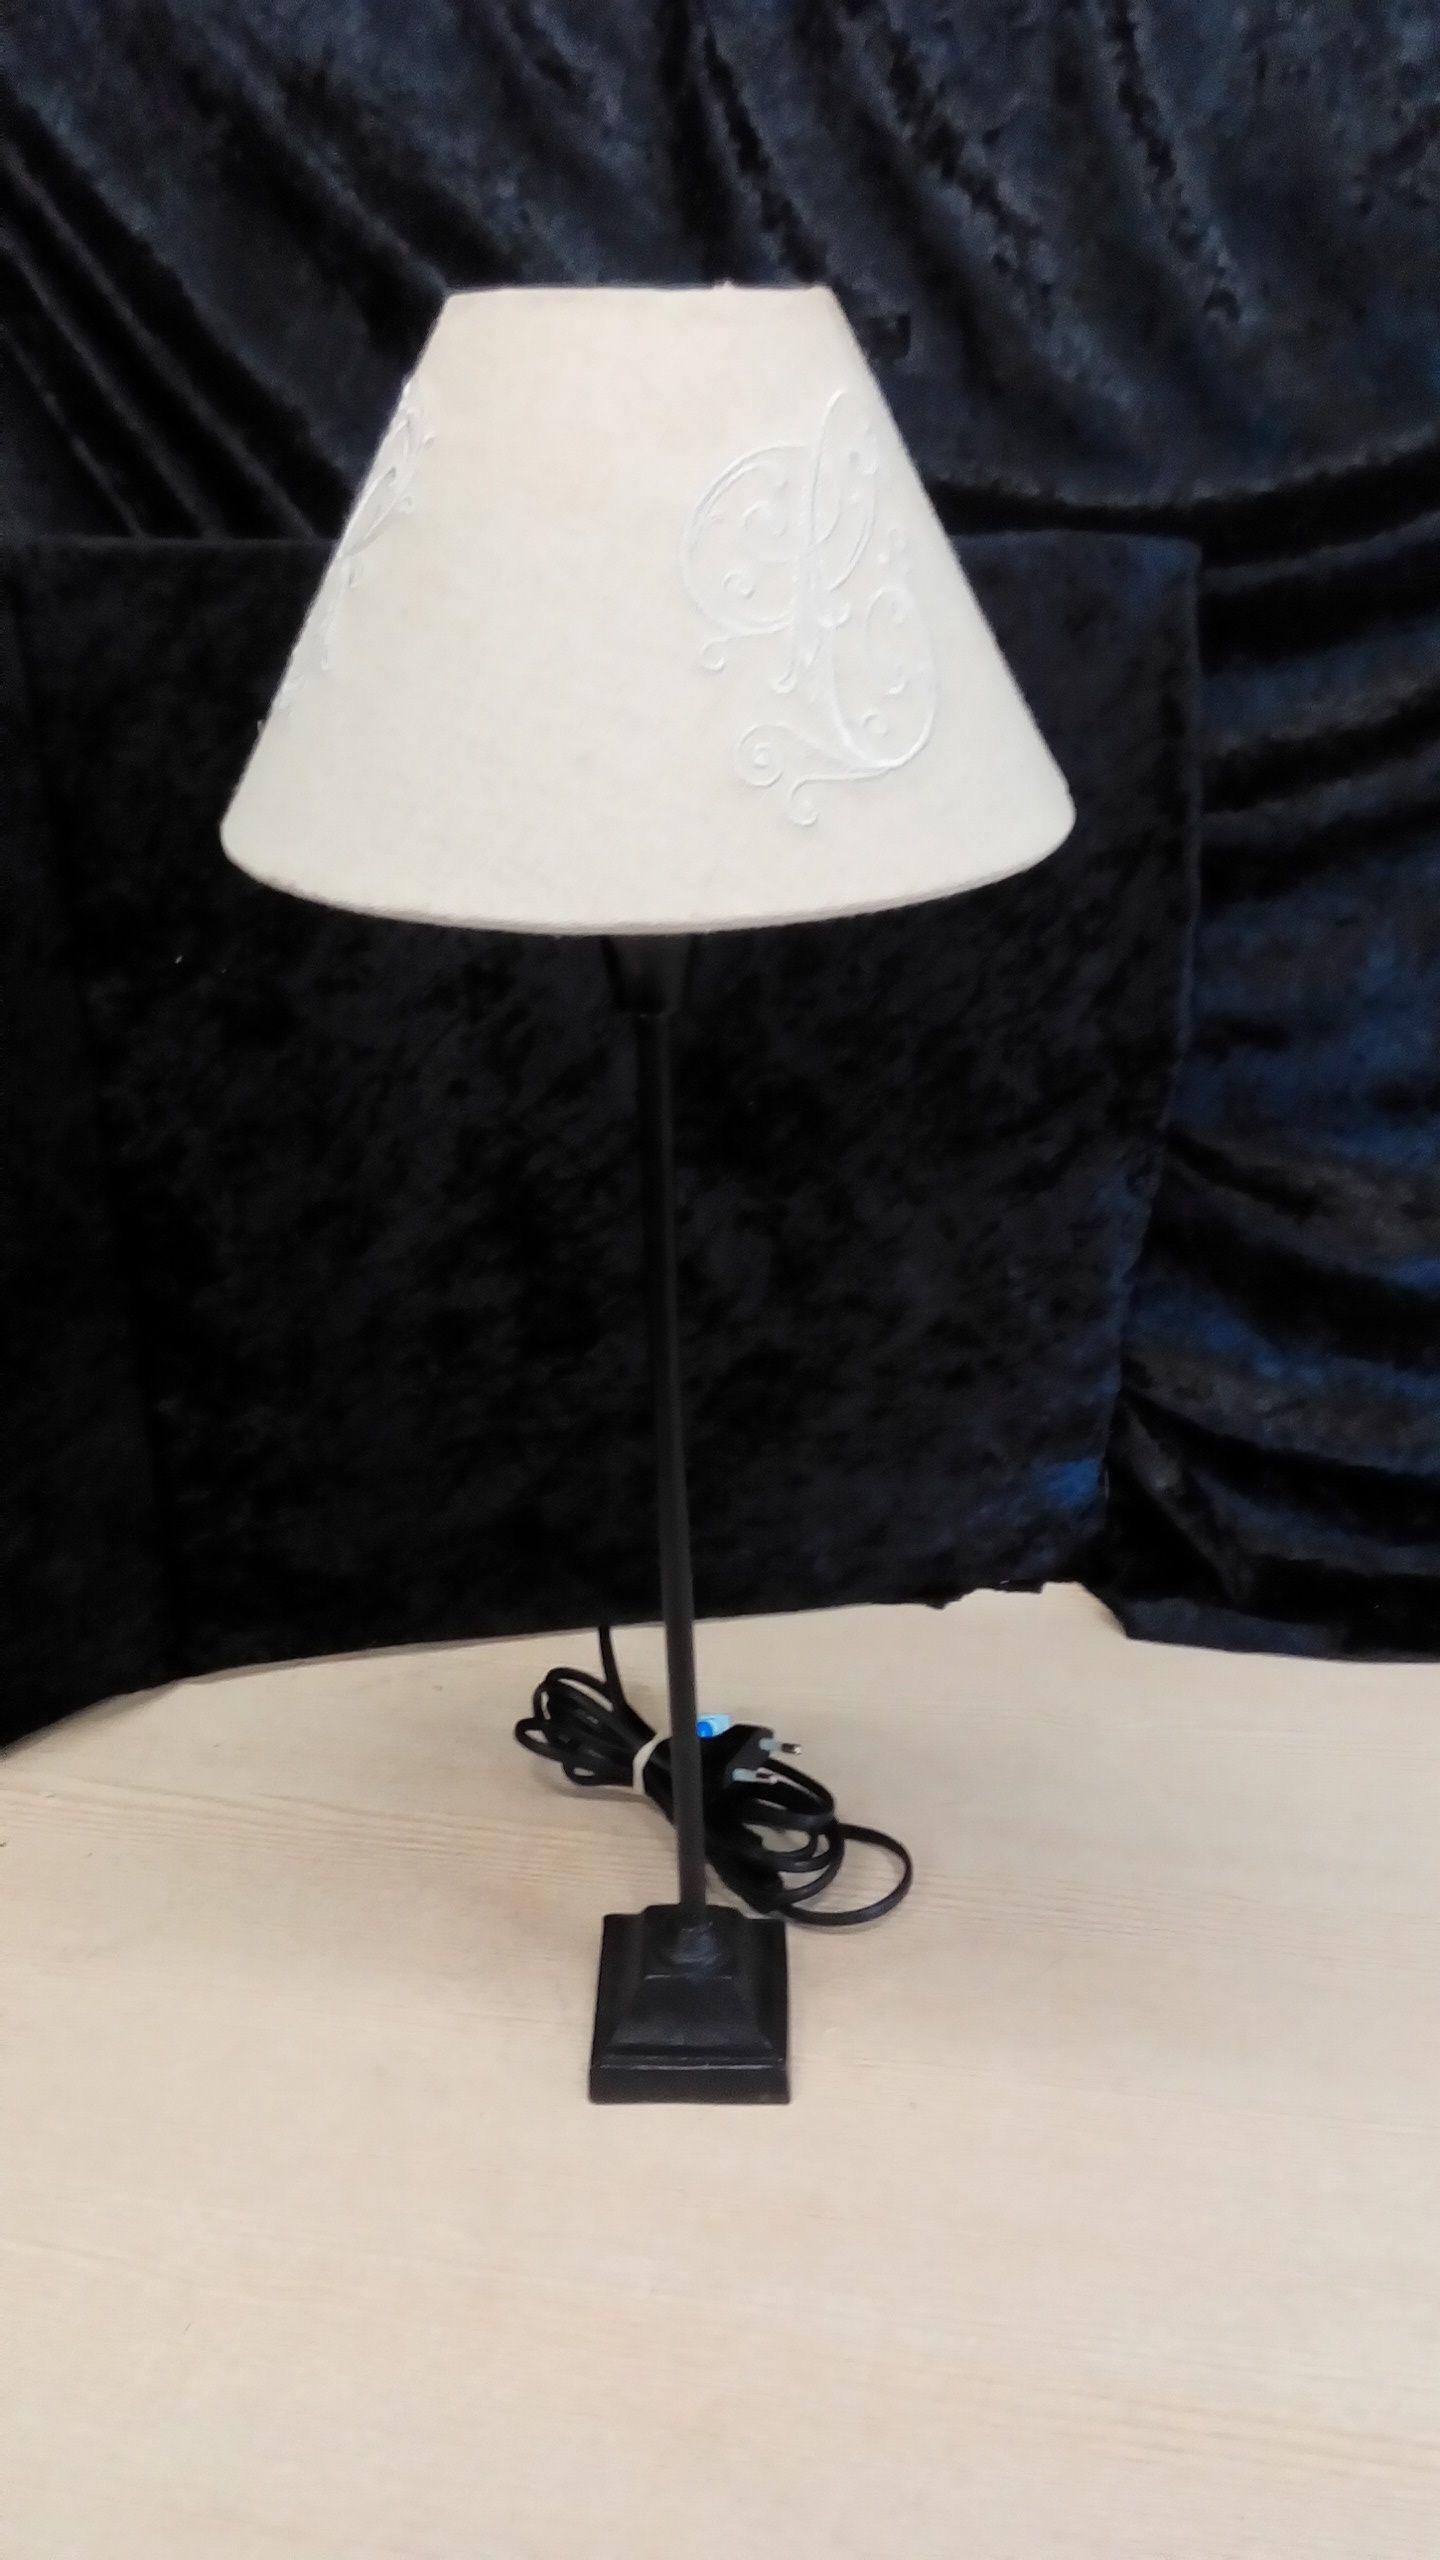 Lampe De Chevet Pied Noir Occasion Troc Richwiller